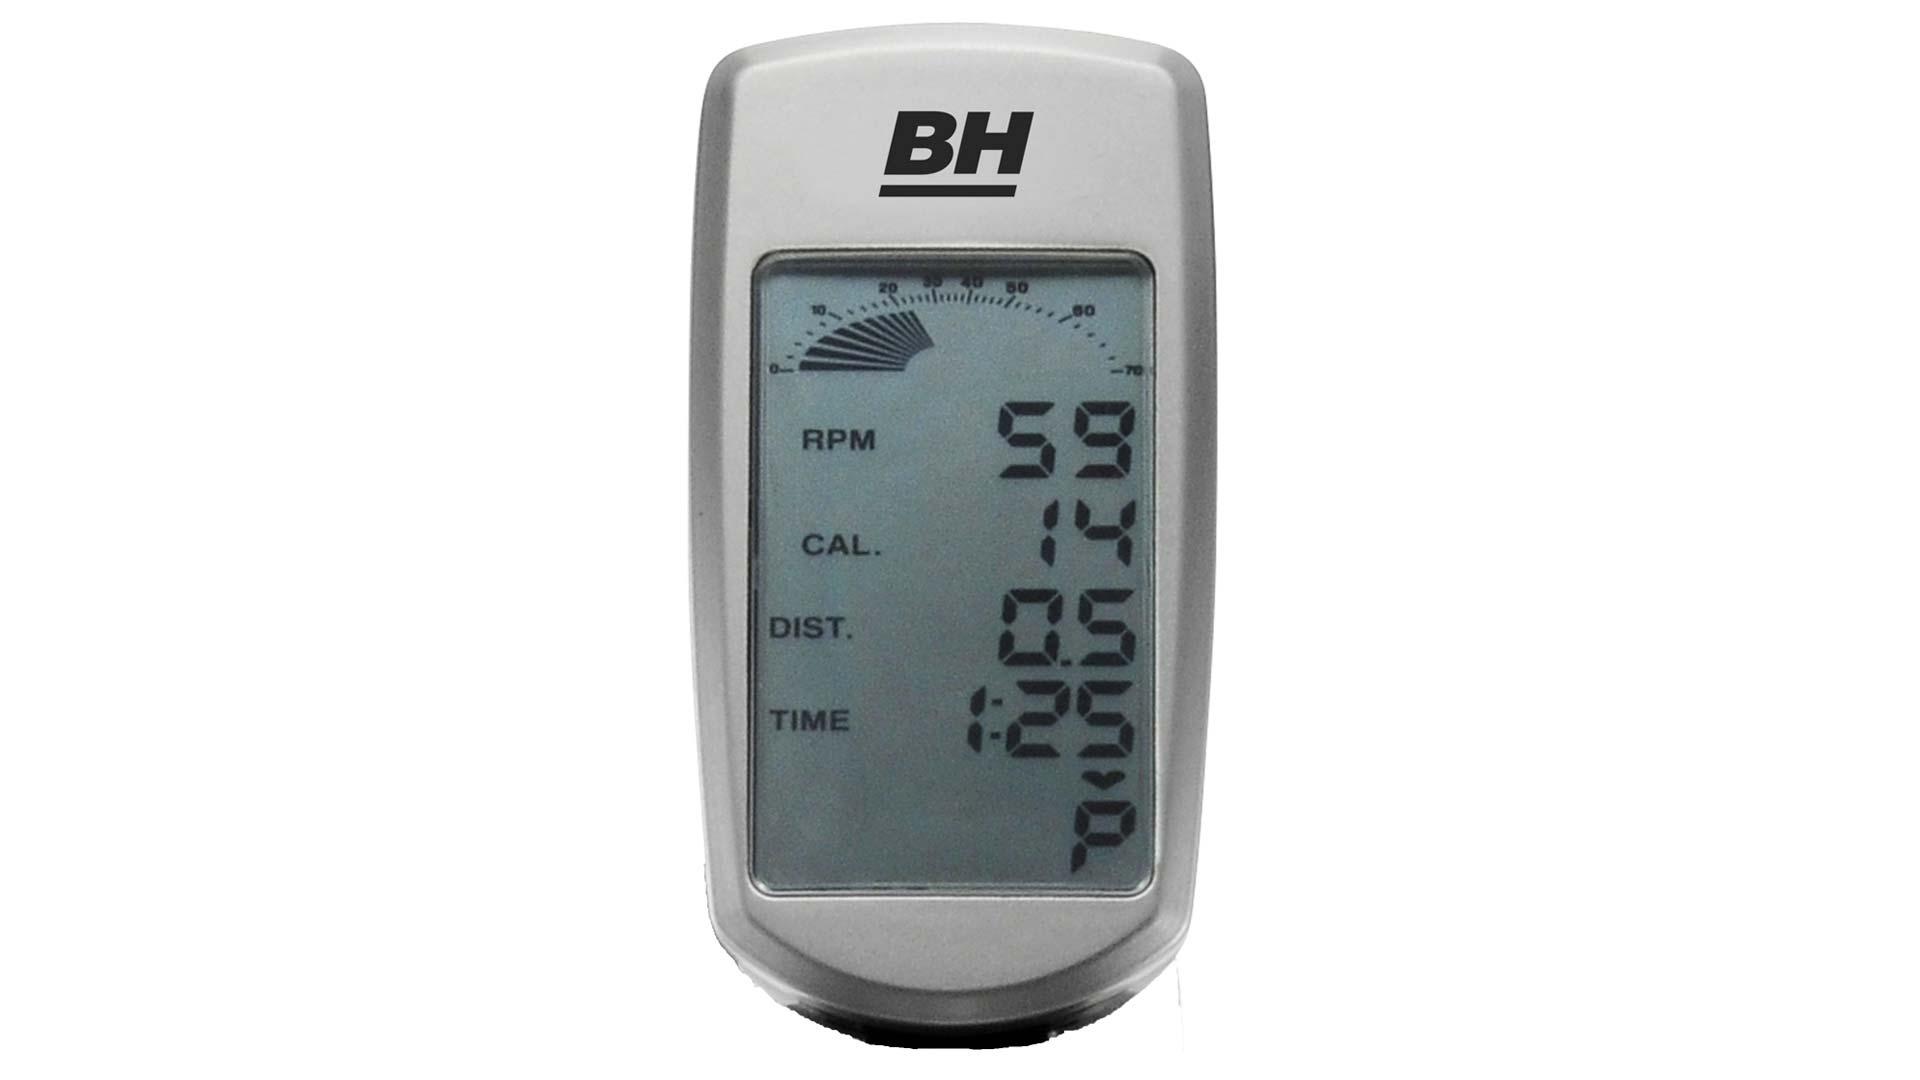 SB2.6 H9173